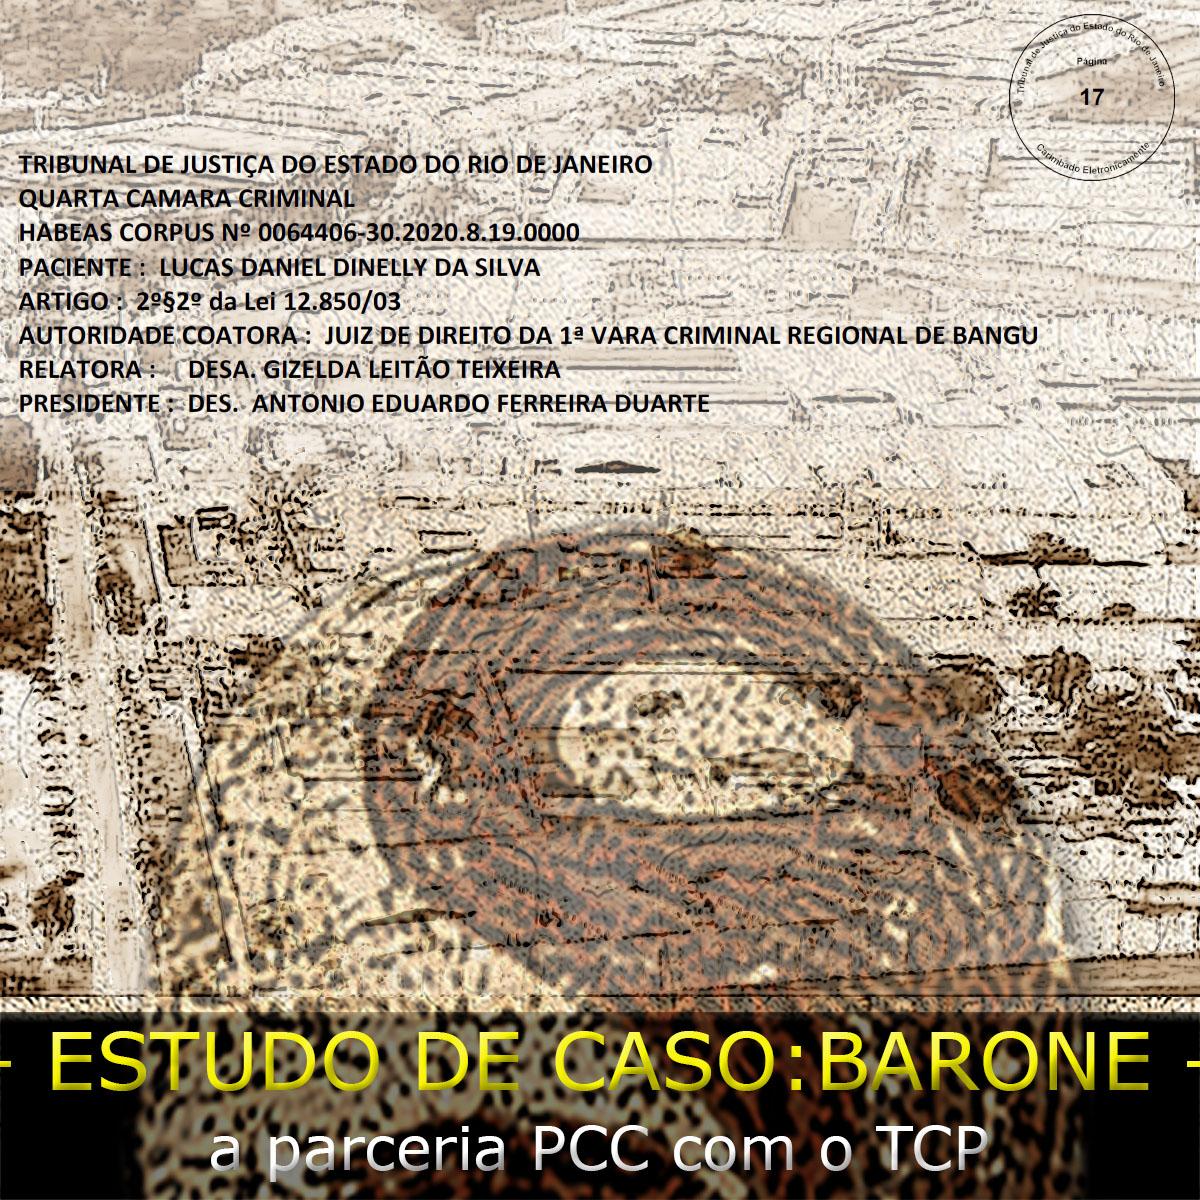 Um flash sobre a expansão do PCC no Rio deJaneiro